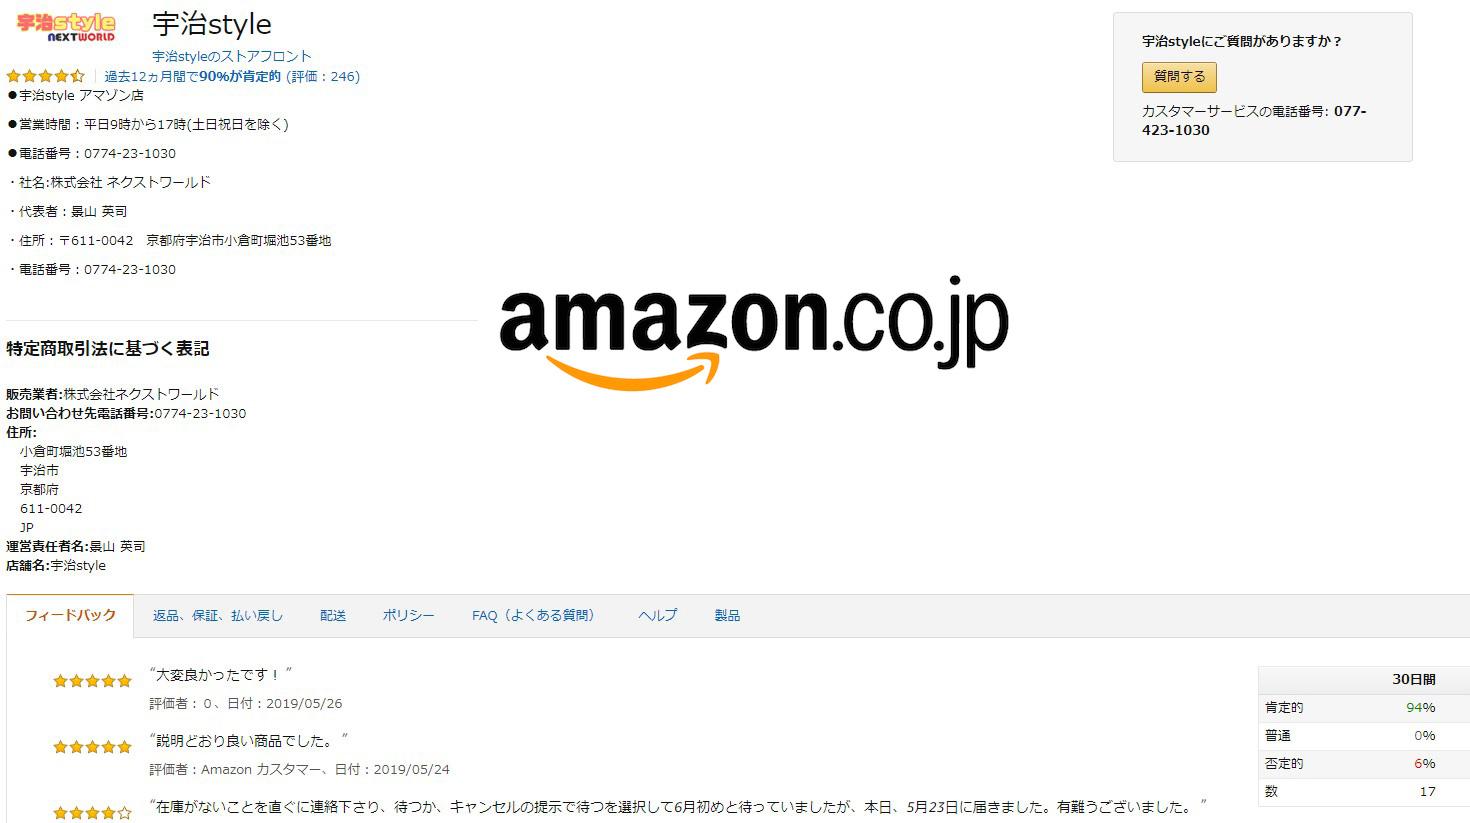 宇治style アマゾン